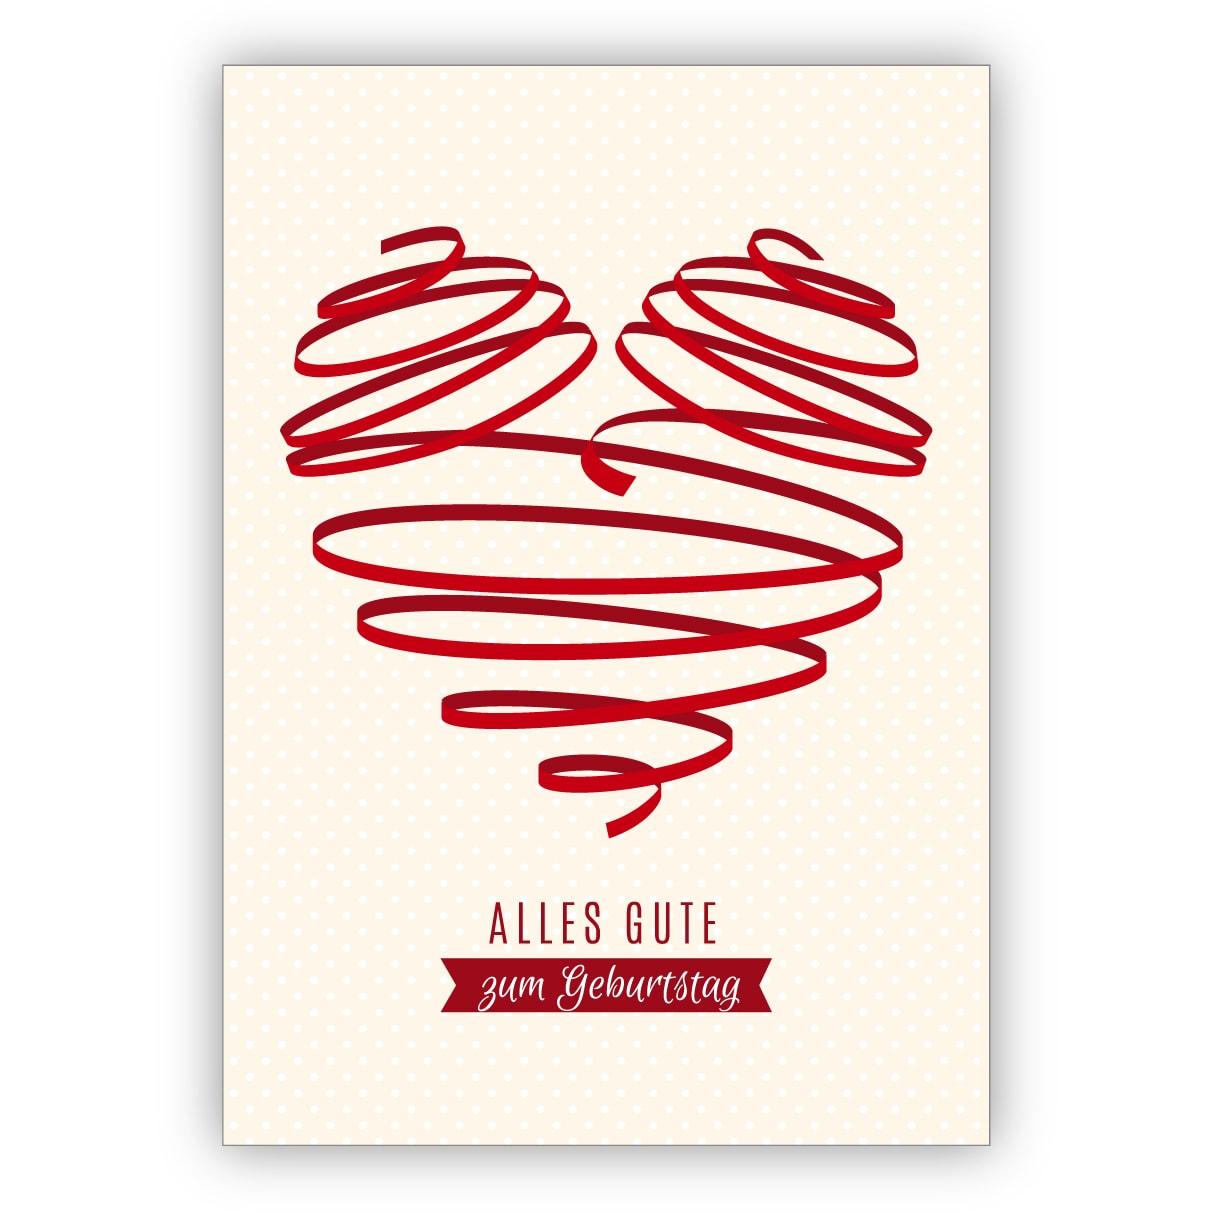 Tolle Geburtstagskarte mit großem rotem Herz: Alles Gute zum Geburtstag